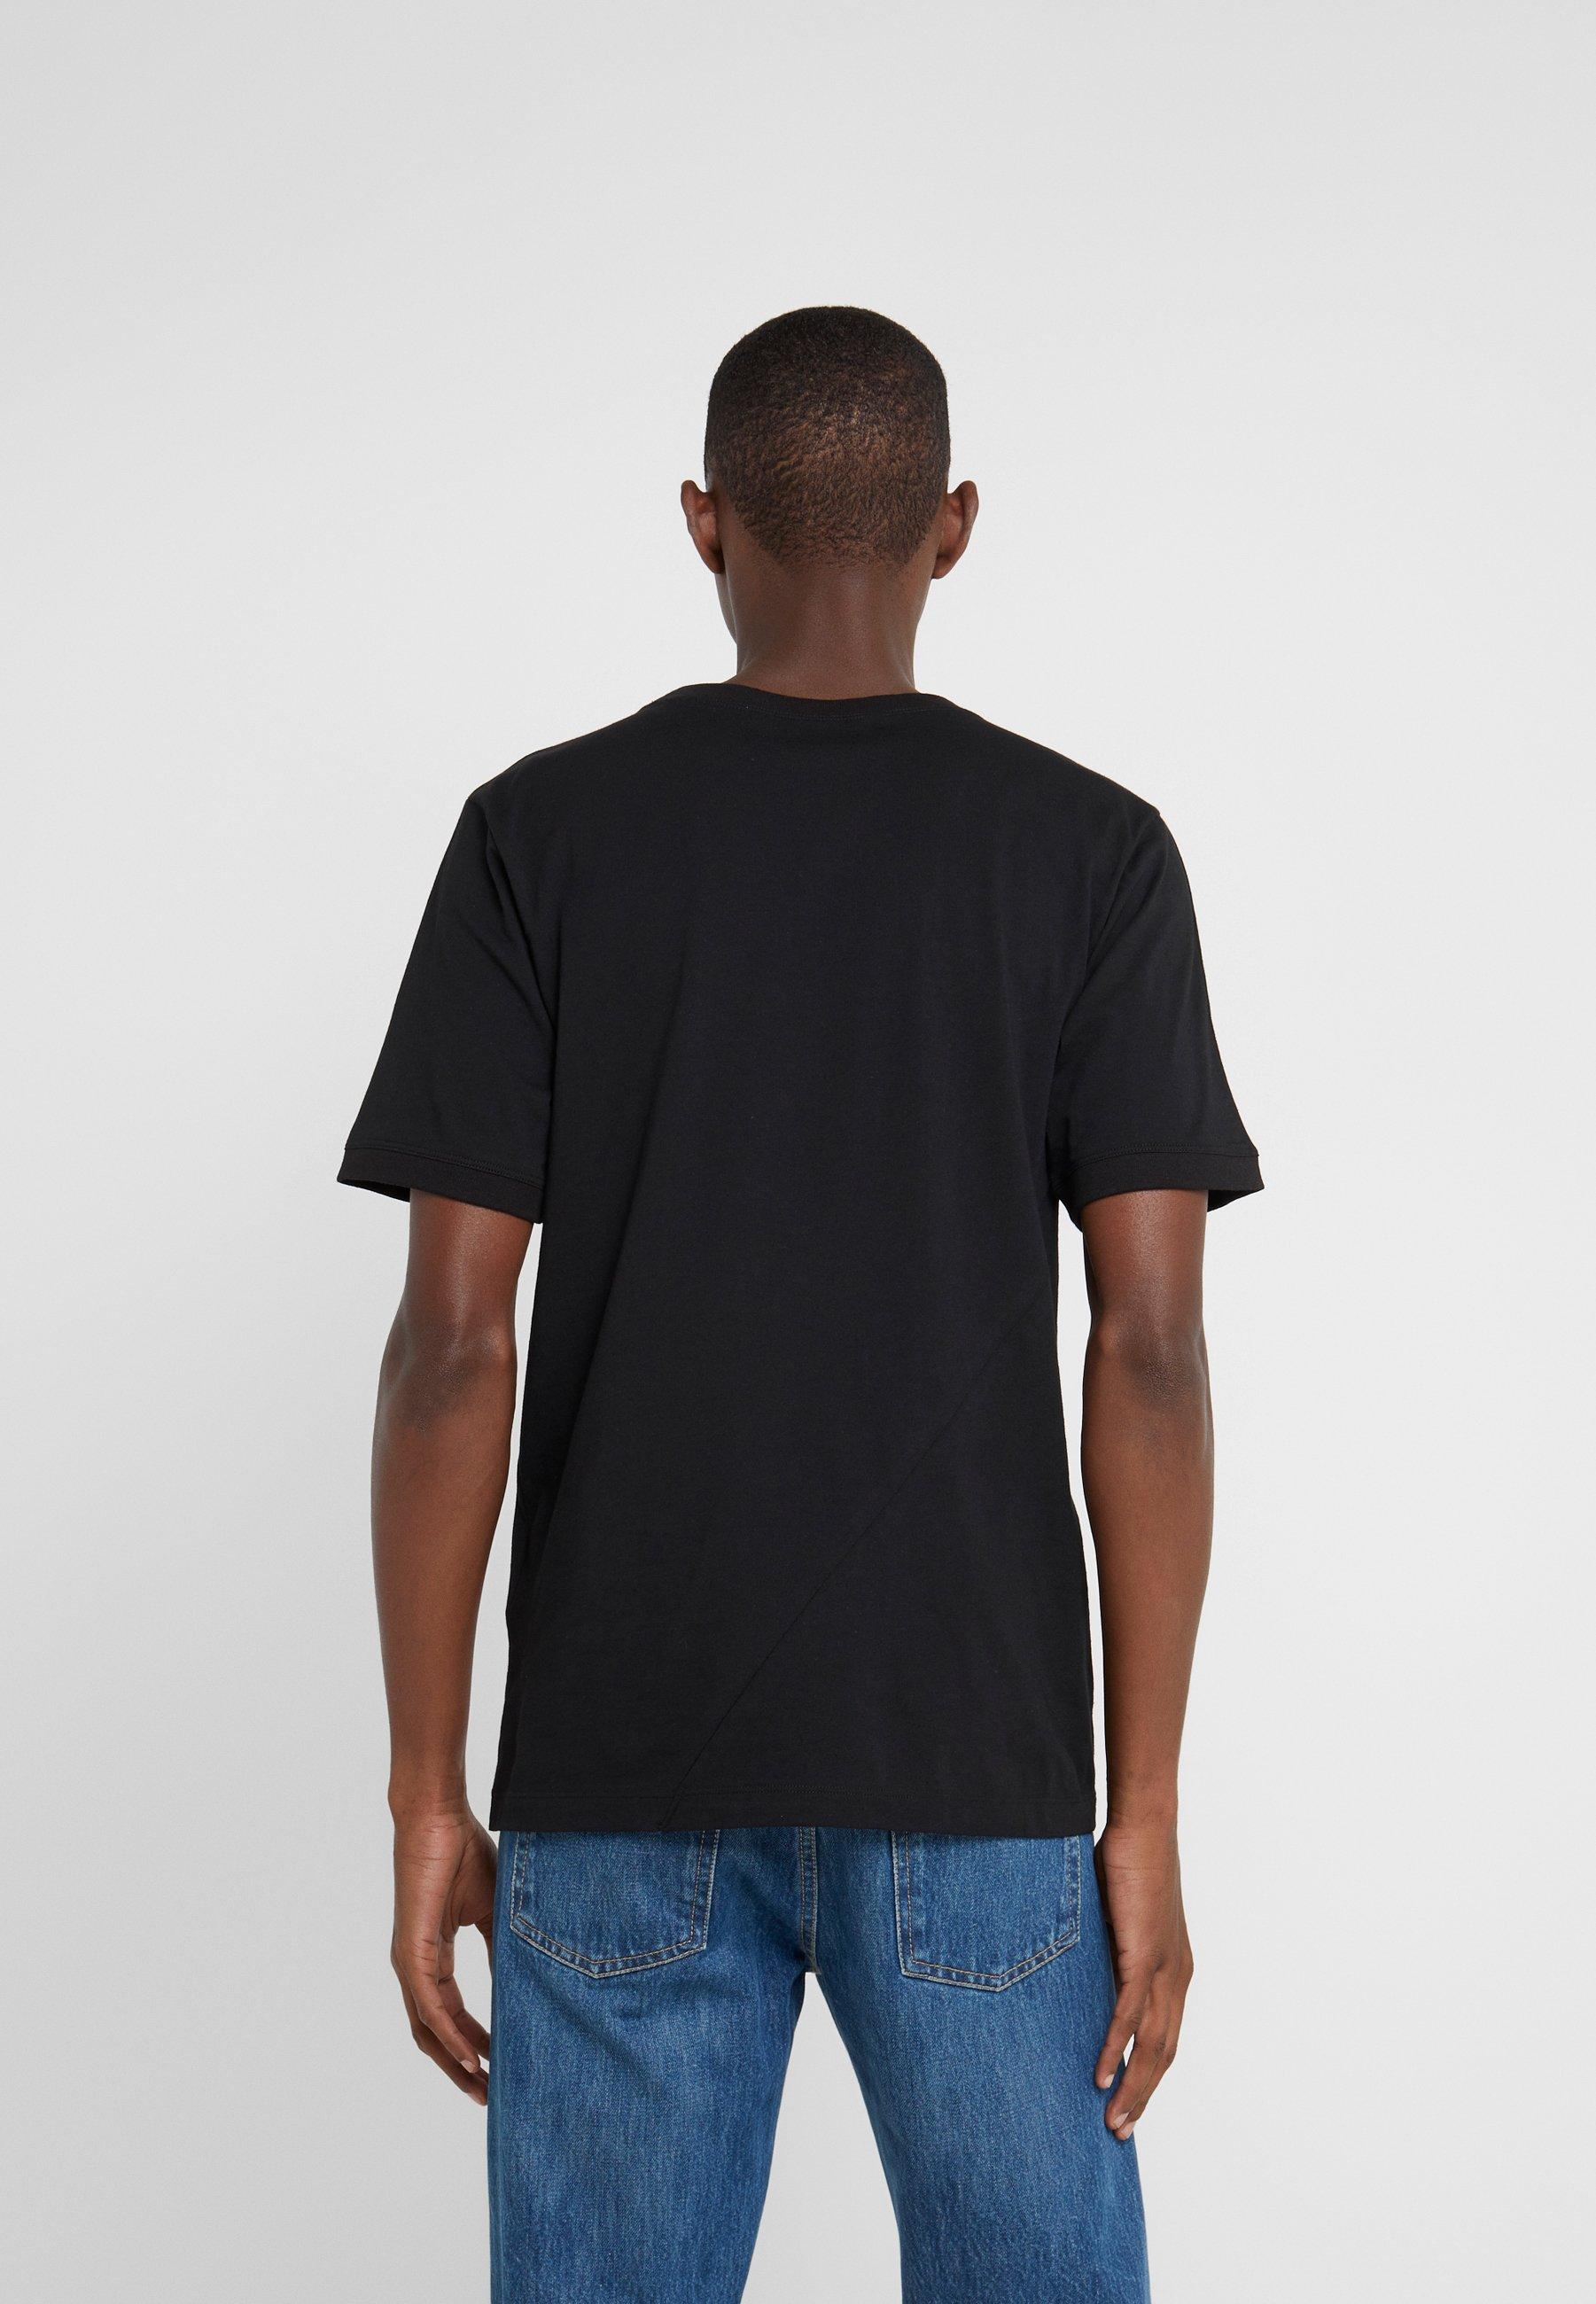 TiesT shirt Black Damir Doma Imprimé MSUVpLzjqG